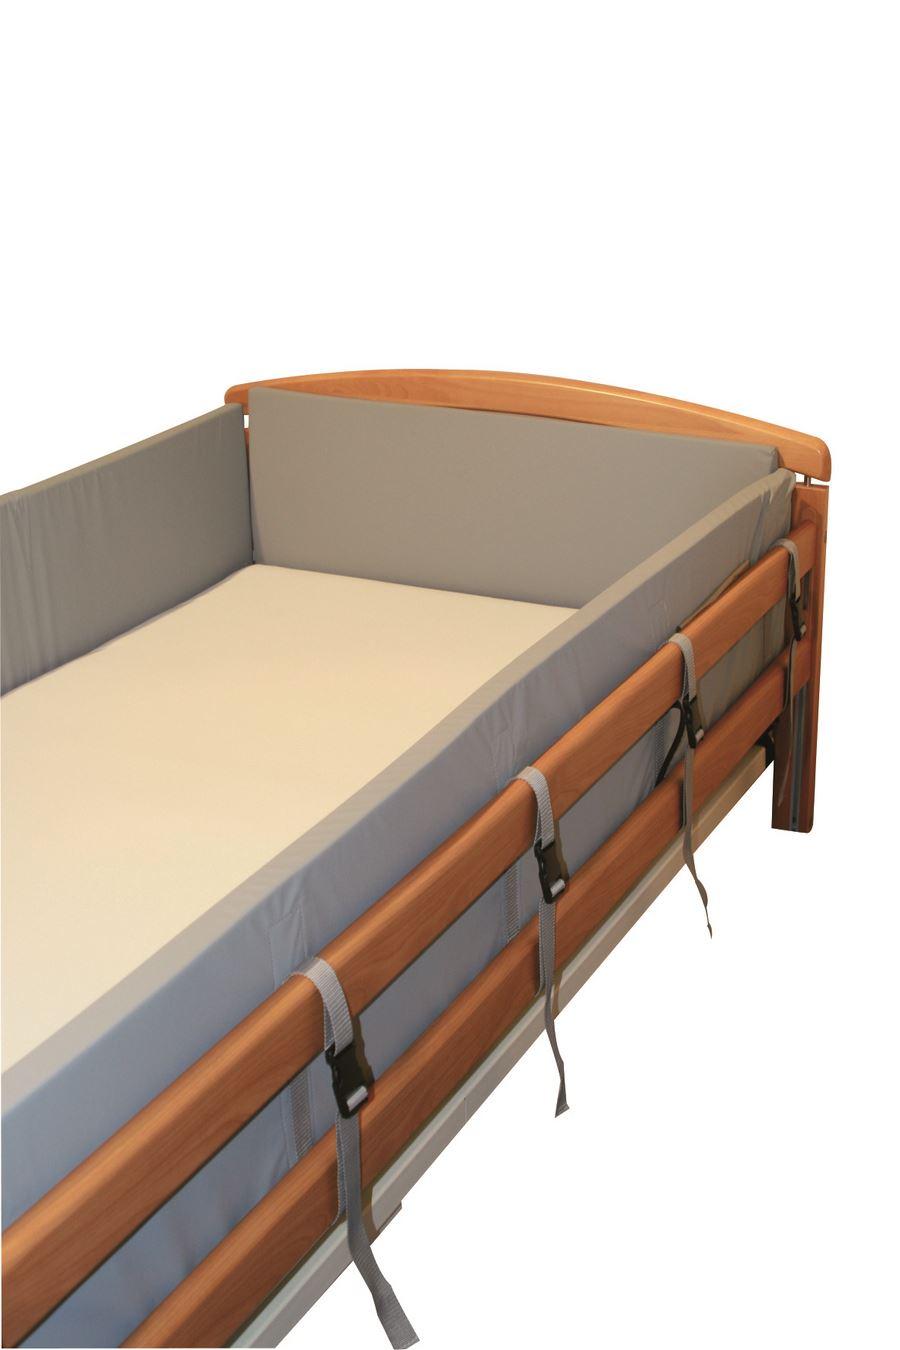 protection universelle pour barri res confort et s curit au lit vente mat riel m dical. Black Bedroom Furniture Sets. Home Design Ideas